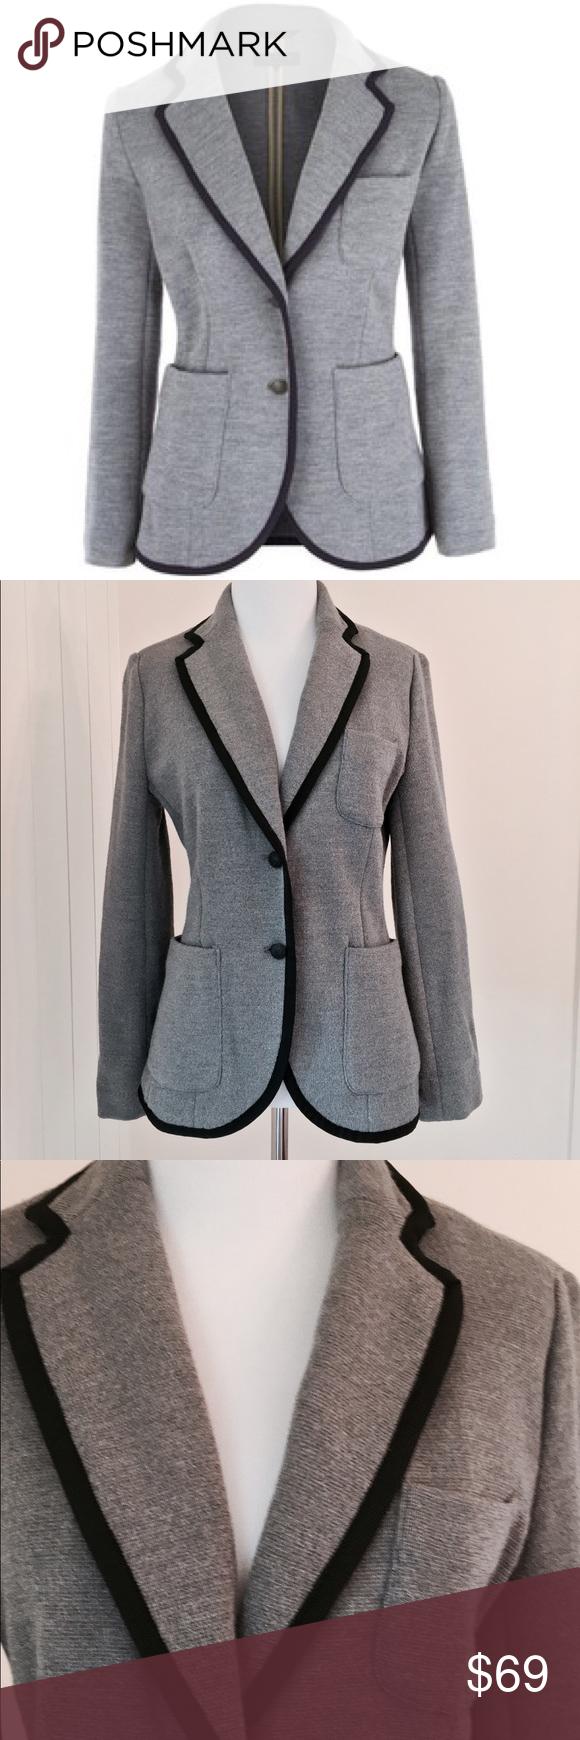 RAG & BONE Bromley Gray Blazer w Black Trim Like new condition. Beautiful wool Knit Gray Blazer w back trim. rag & bone Jackets & Coats Blazers